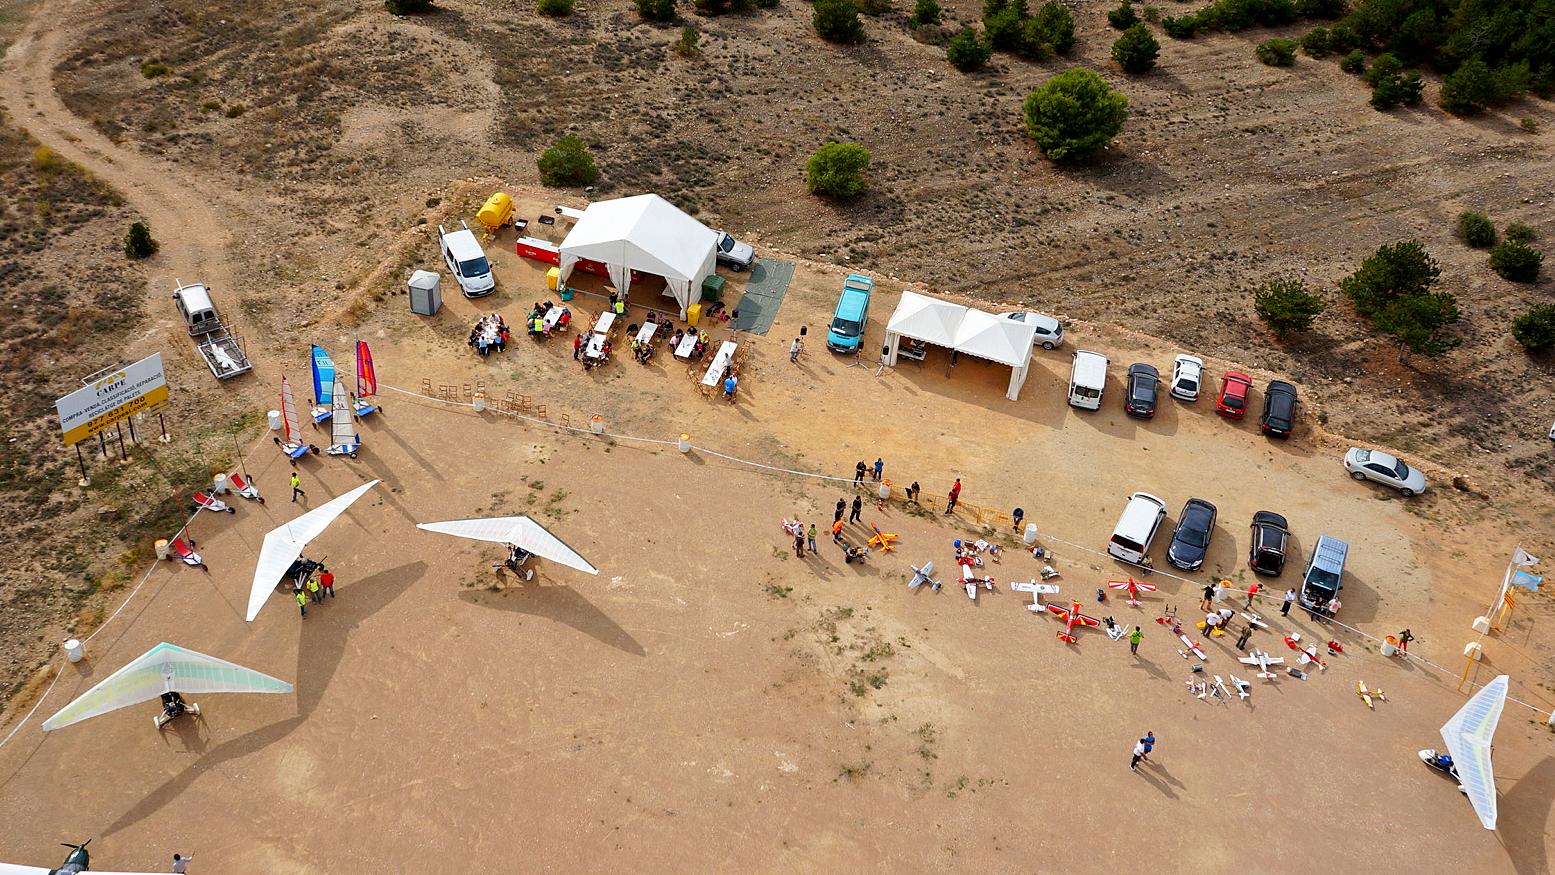 Foto aérea Fira del vent 2013